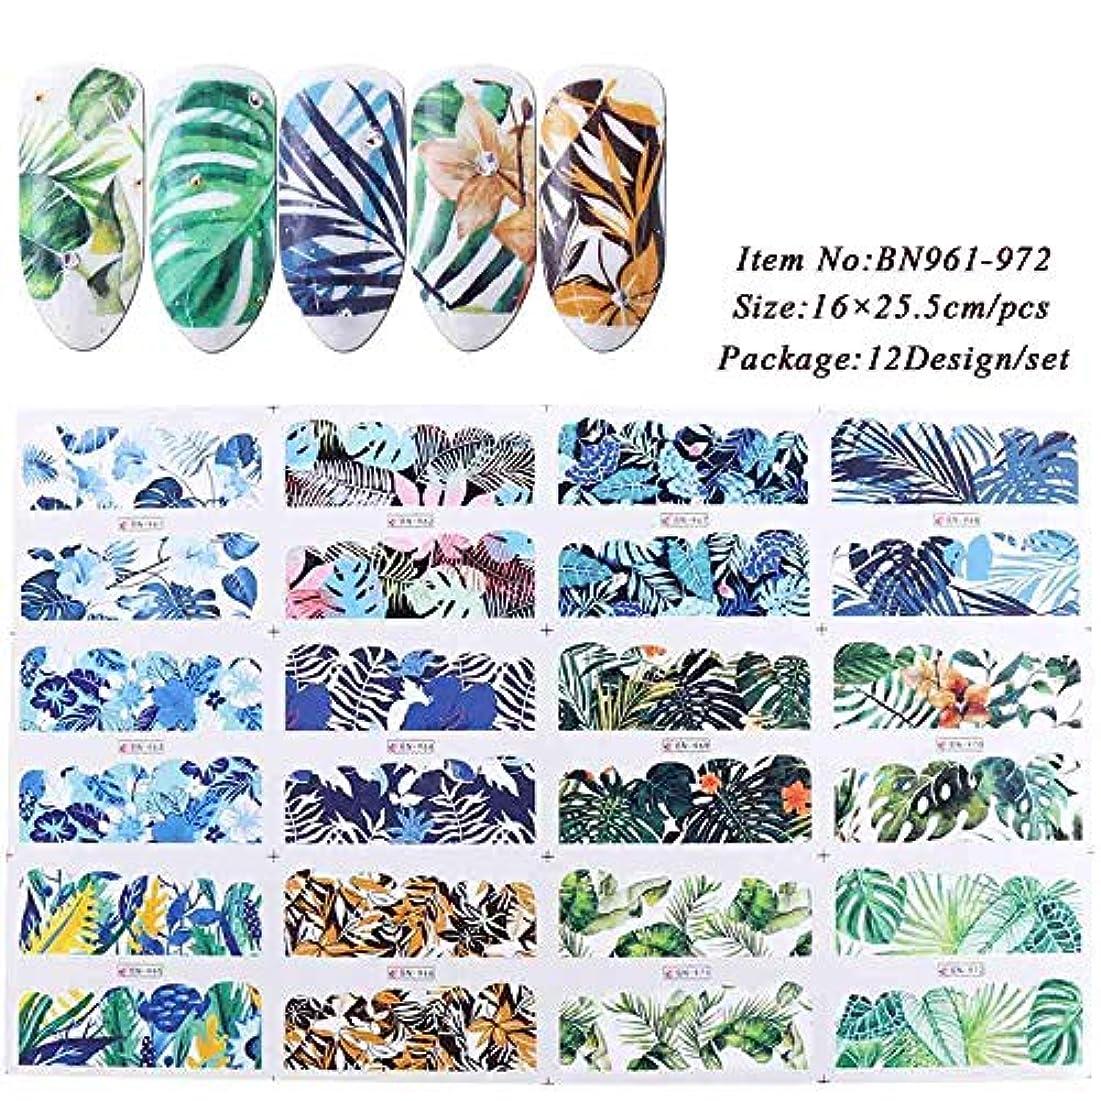 ほうき開示する社説SUKTI&XIAO ネイルステッカー 12ピースフラミンゴマニキュアステッカー水デカール花熱帯ジャングルスライダーマニキュアタトゥー装飾、Bn961-972